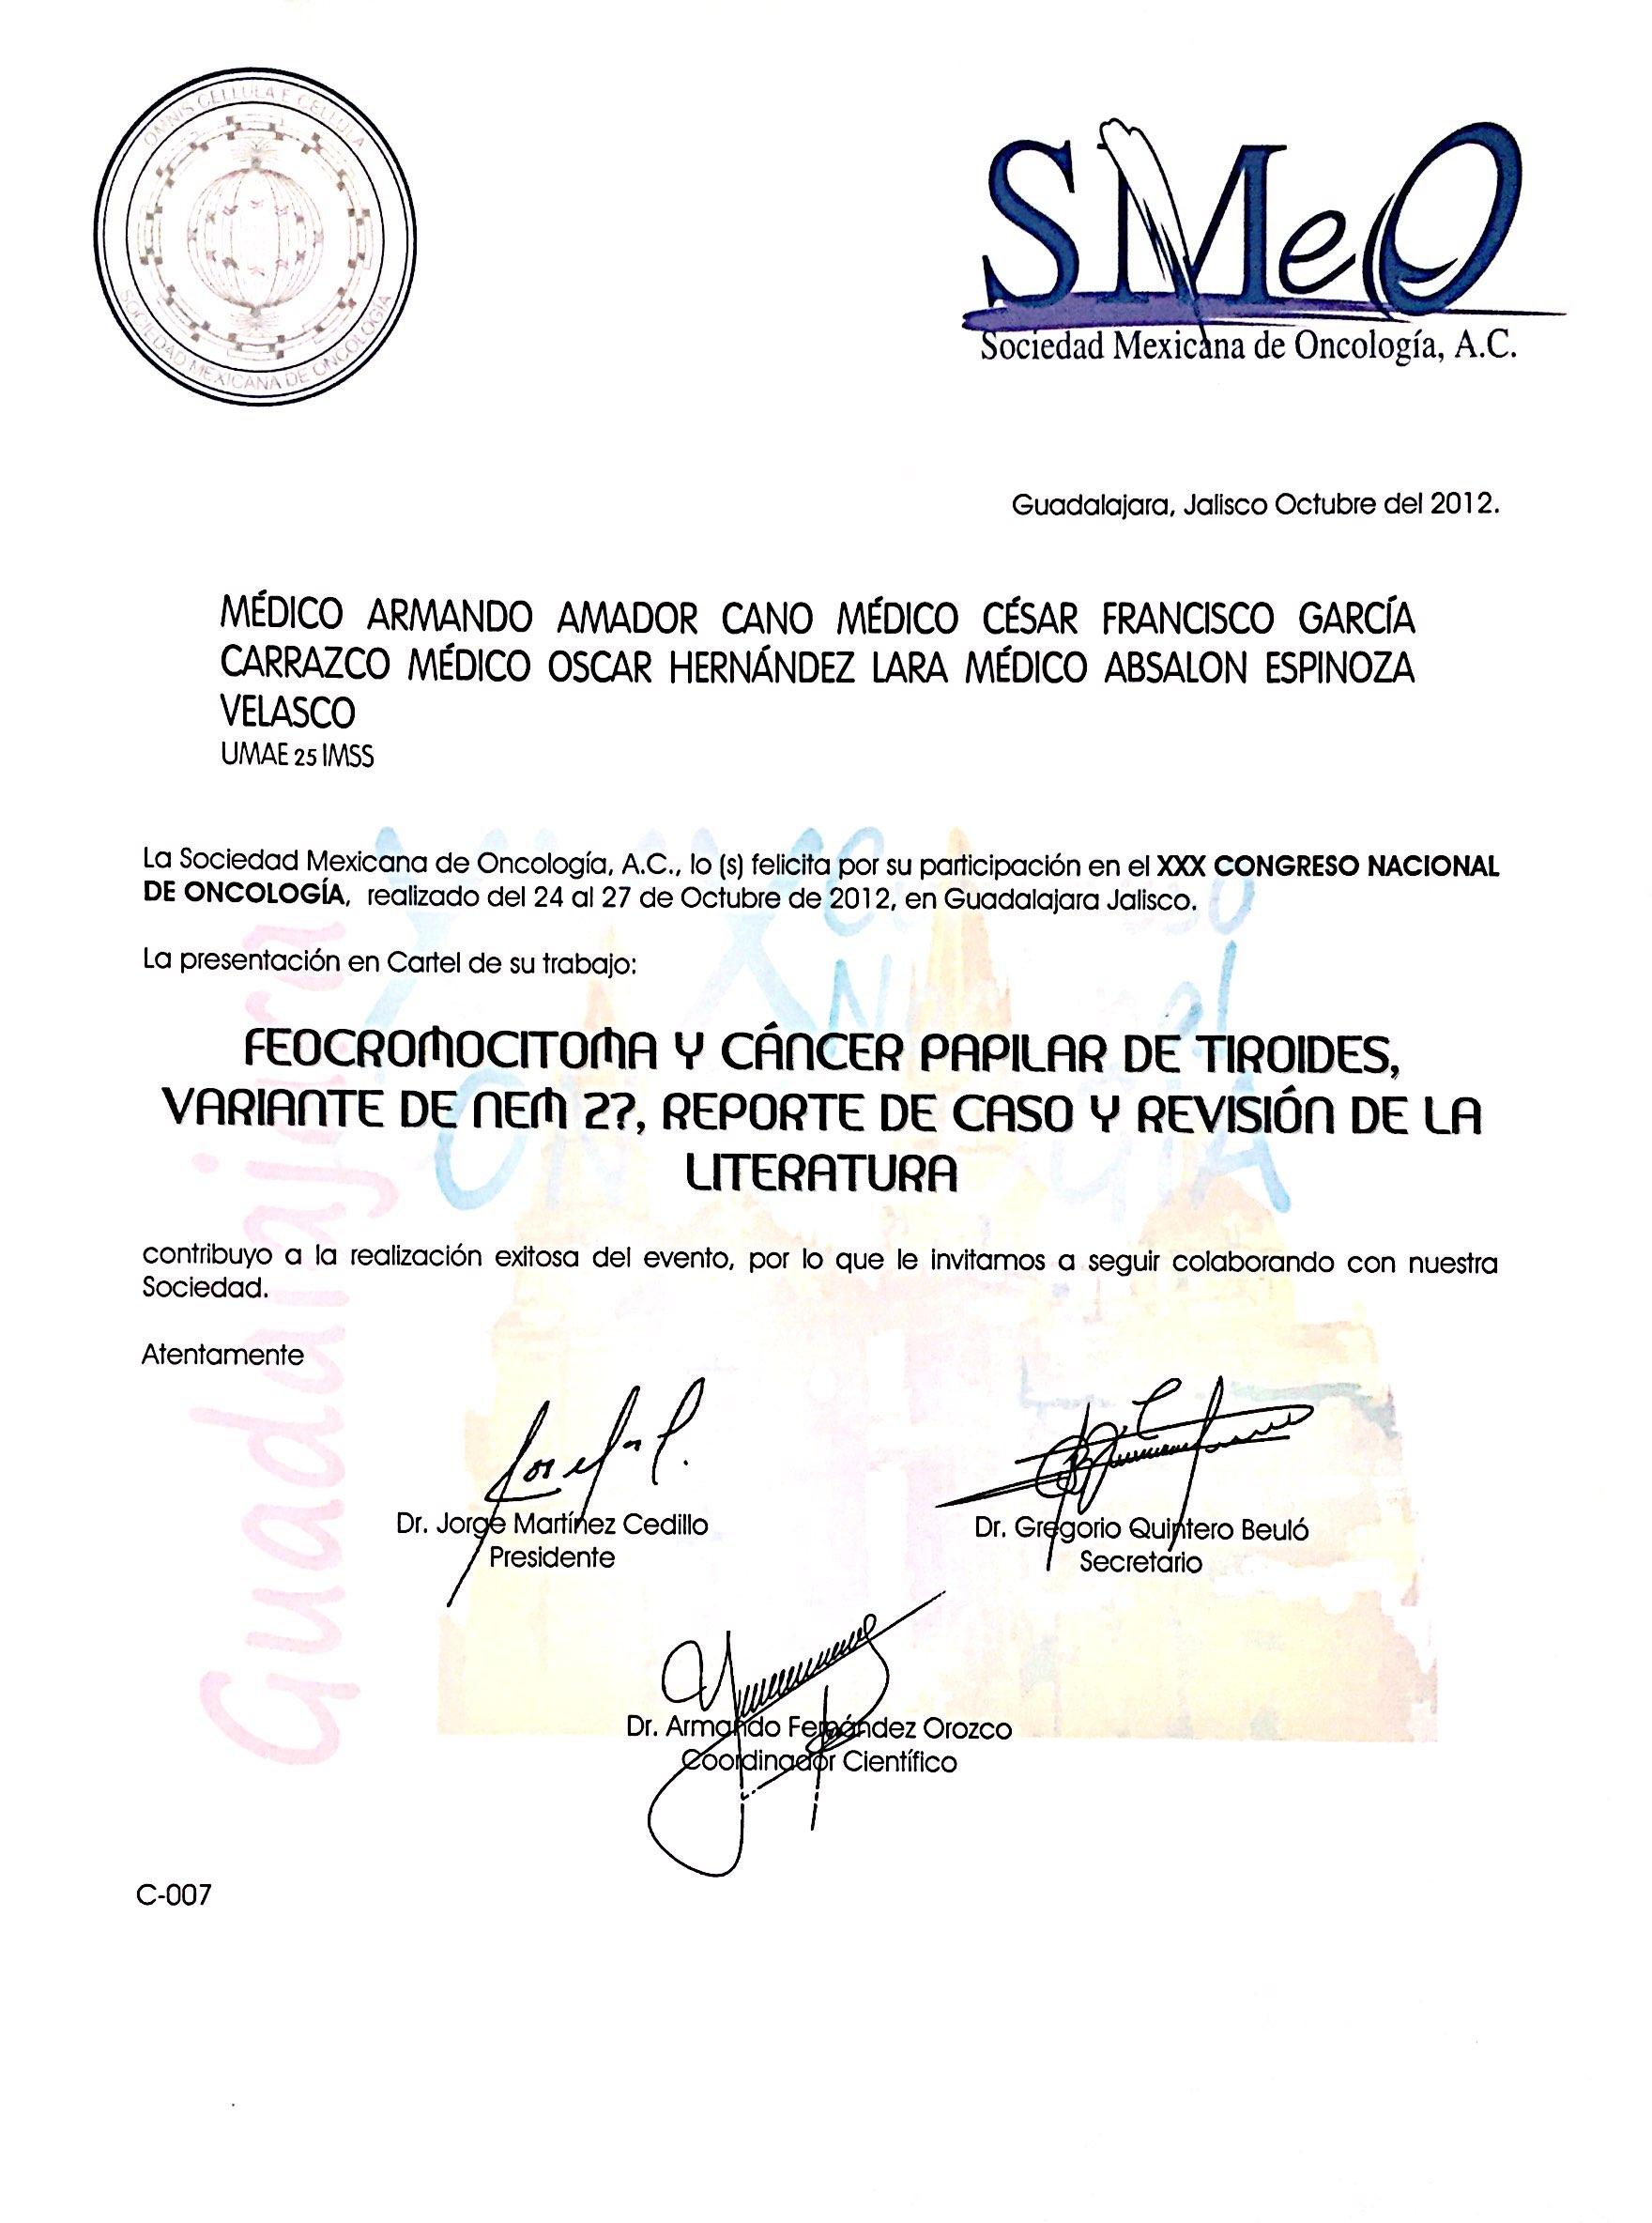 Dr. Garcia Carrazco_70